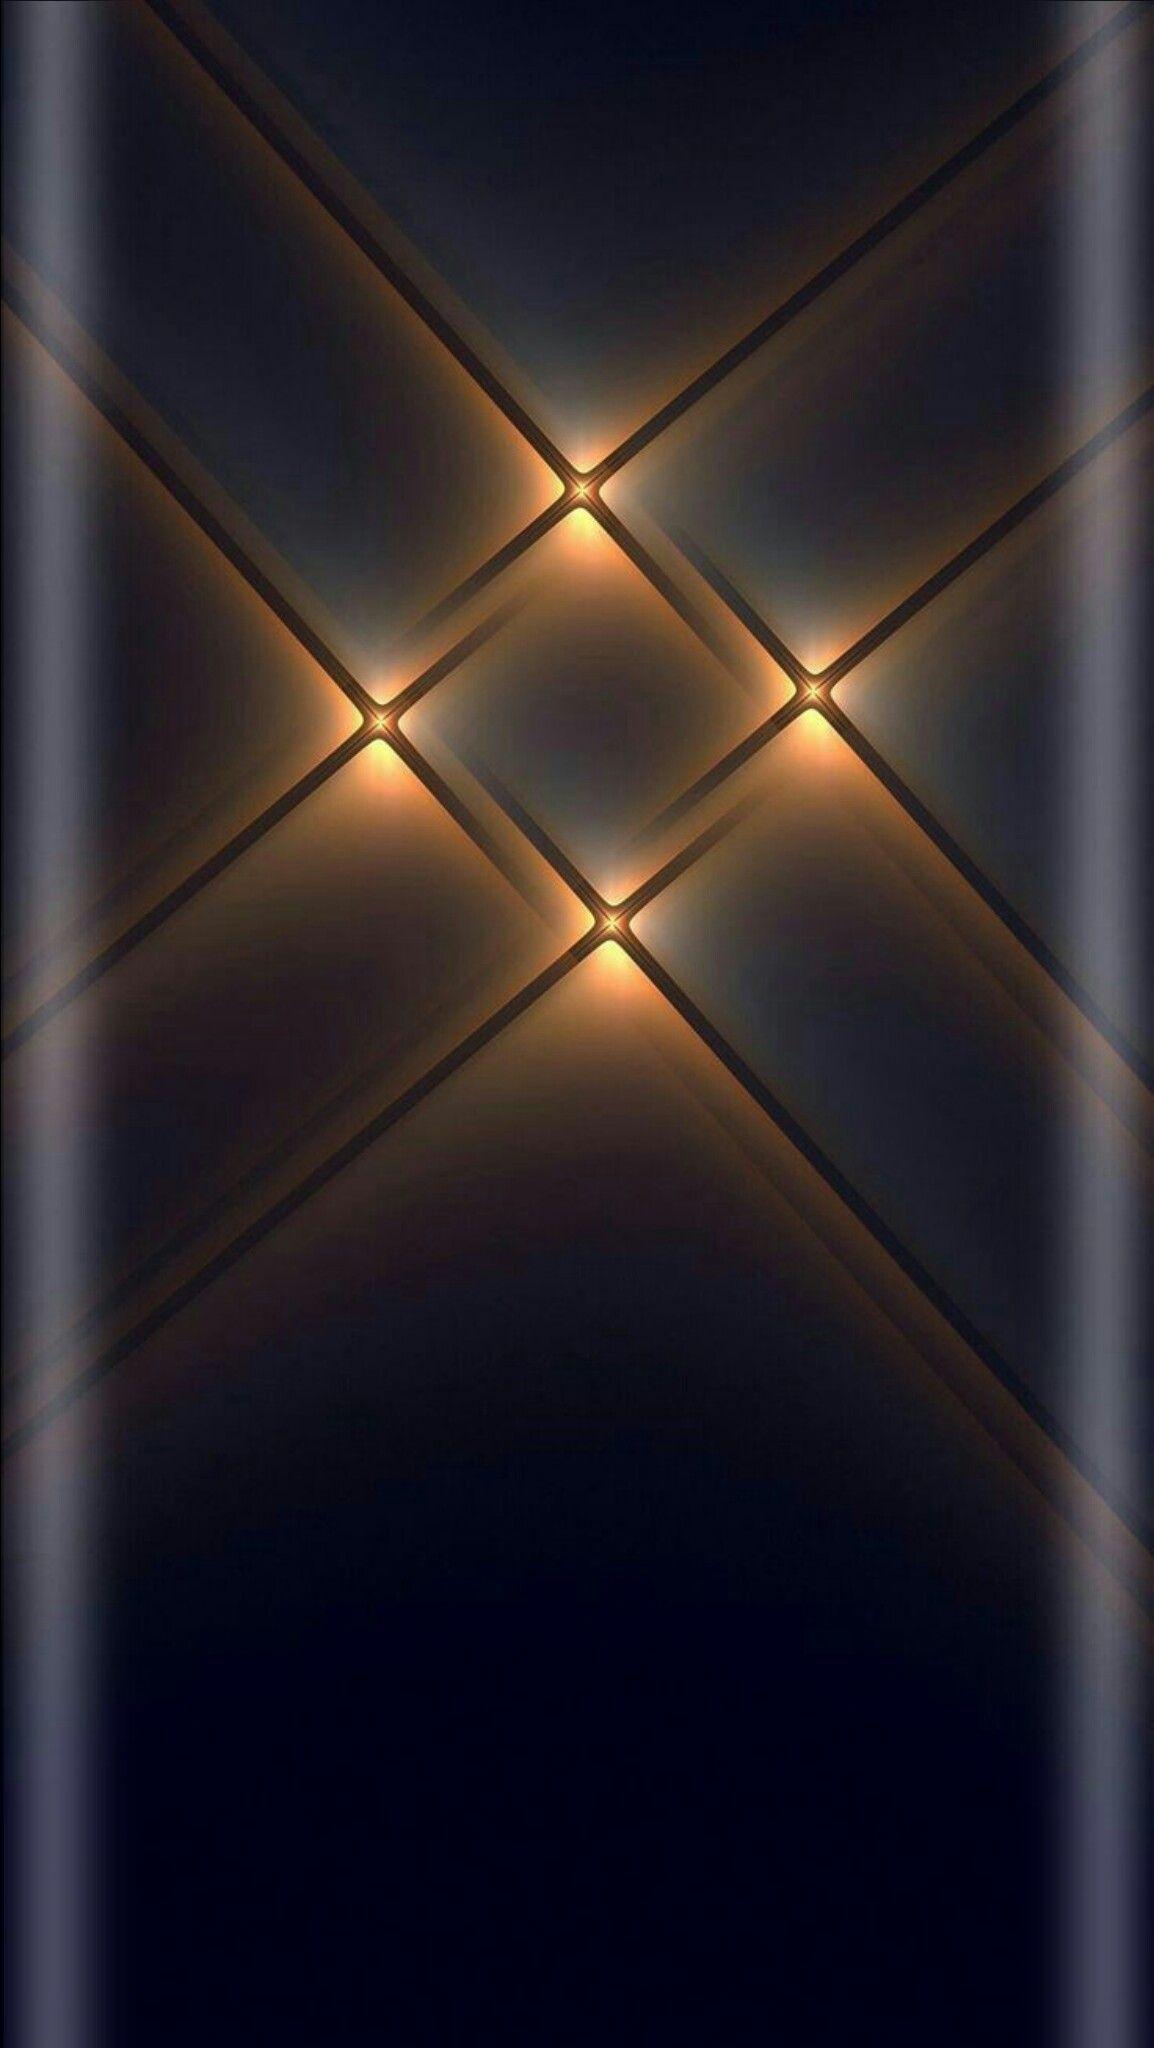 Epingle Par Boualem Hadraoui Sur Photochp Wallpaper Wallpaper Backgrounds Et Mobile Wallpaper